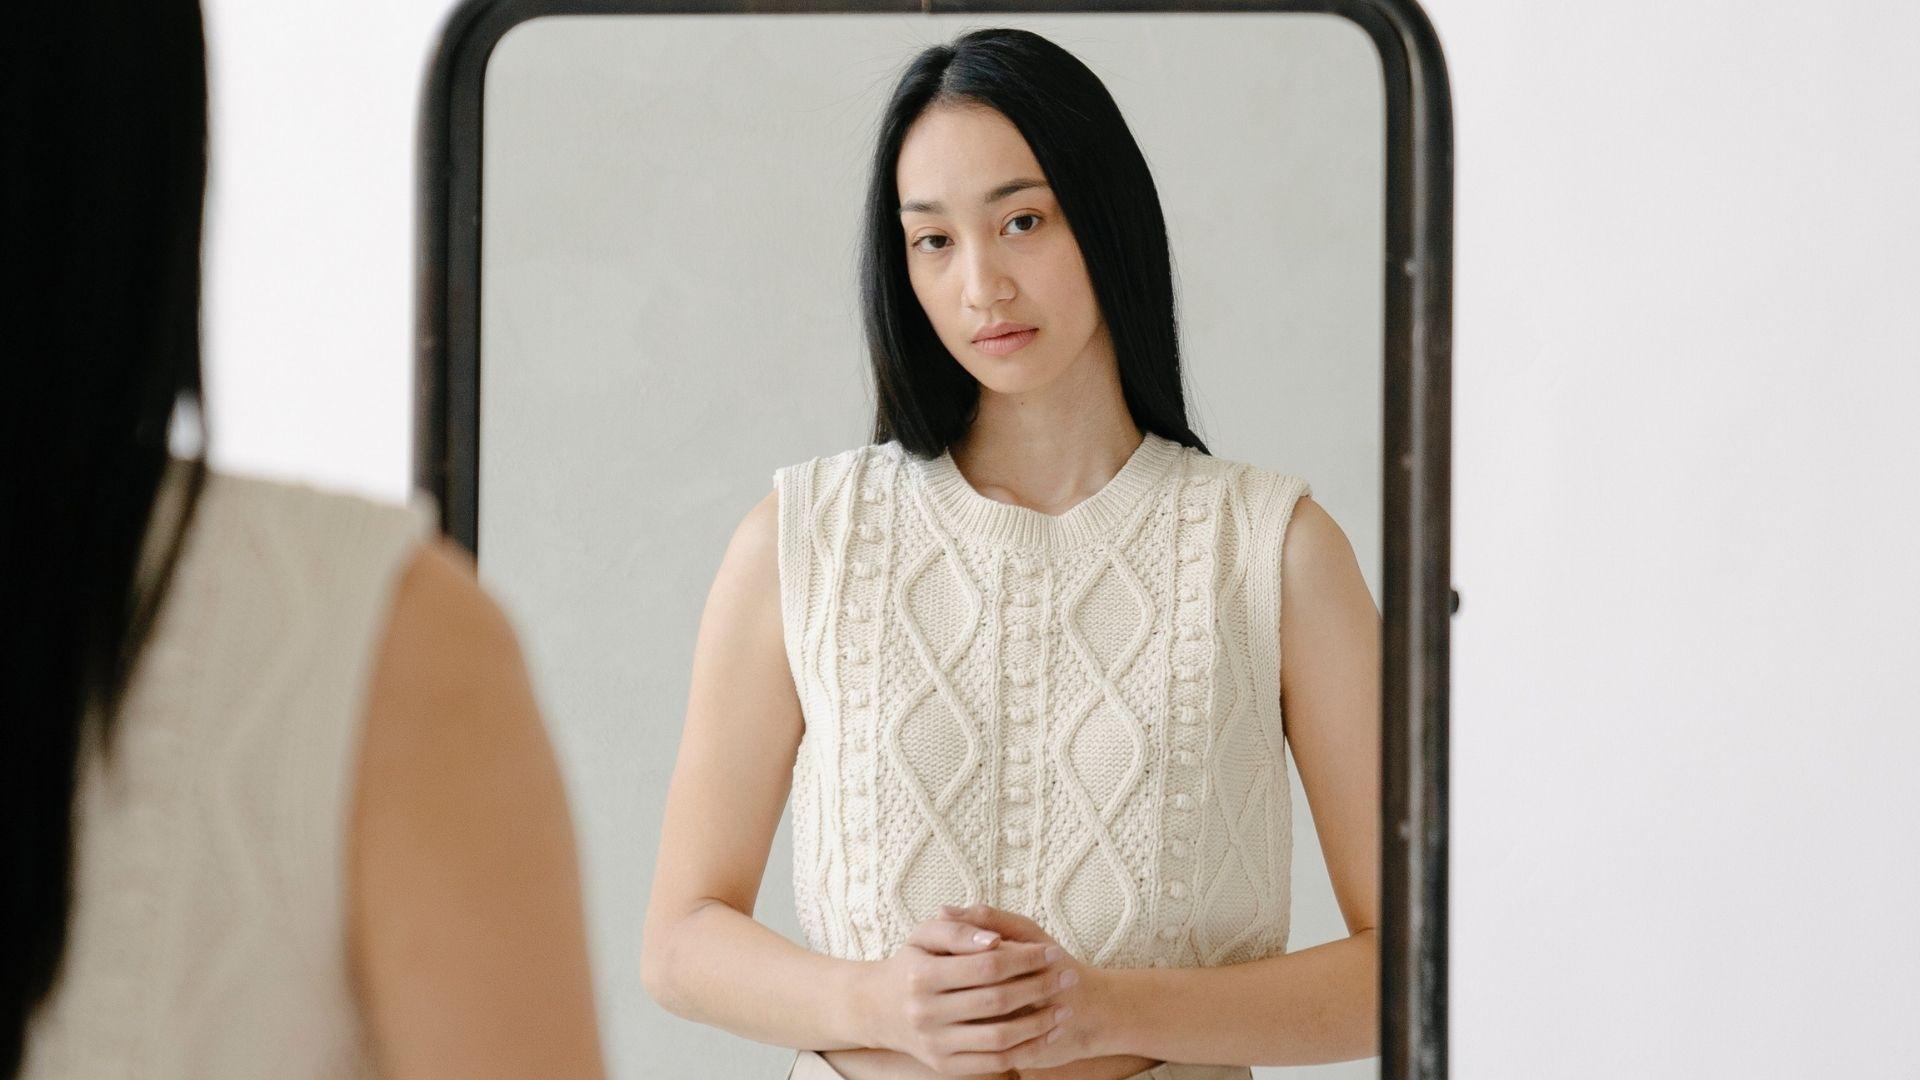 Femme debout devant un miroir